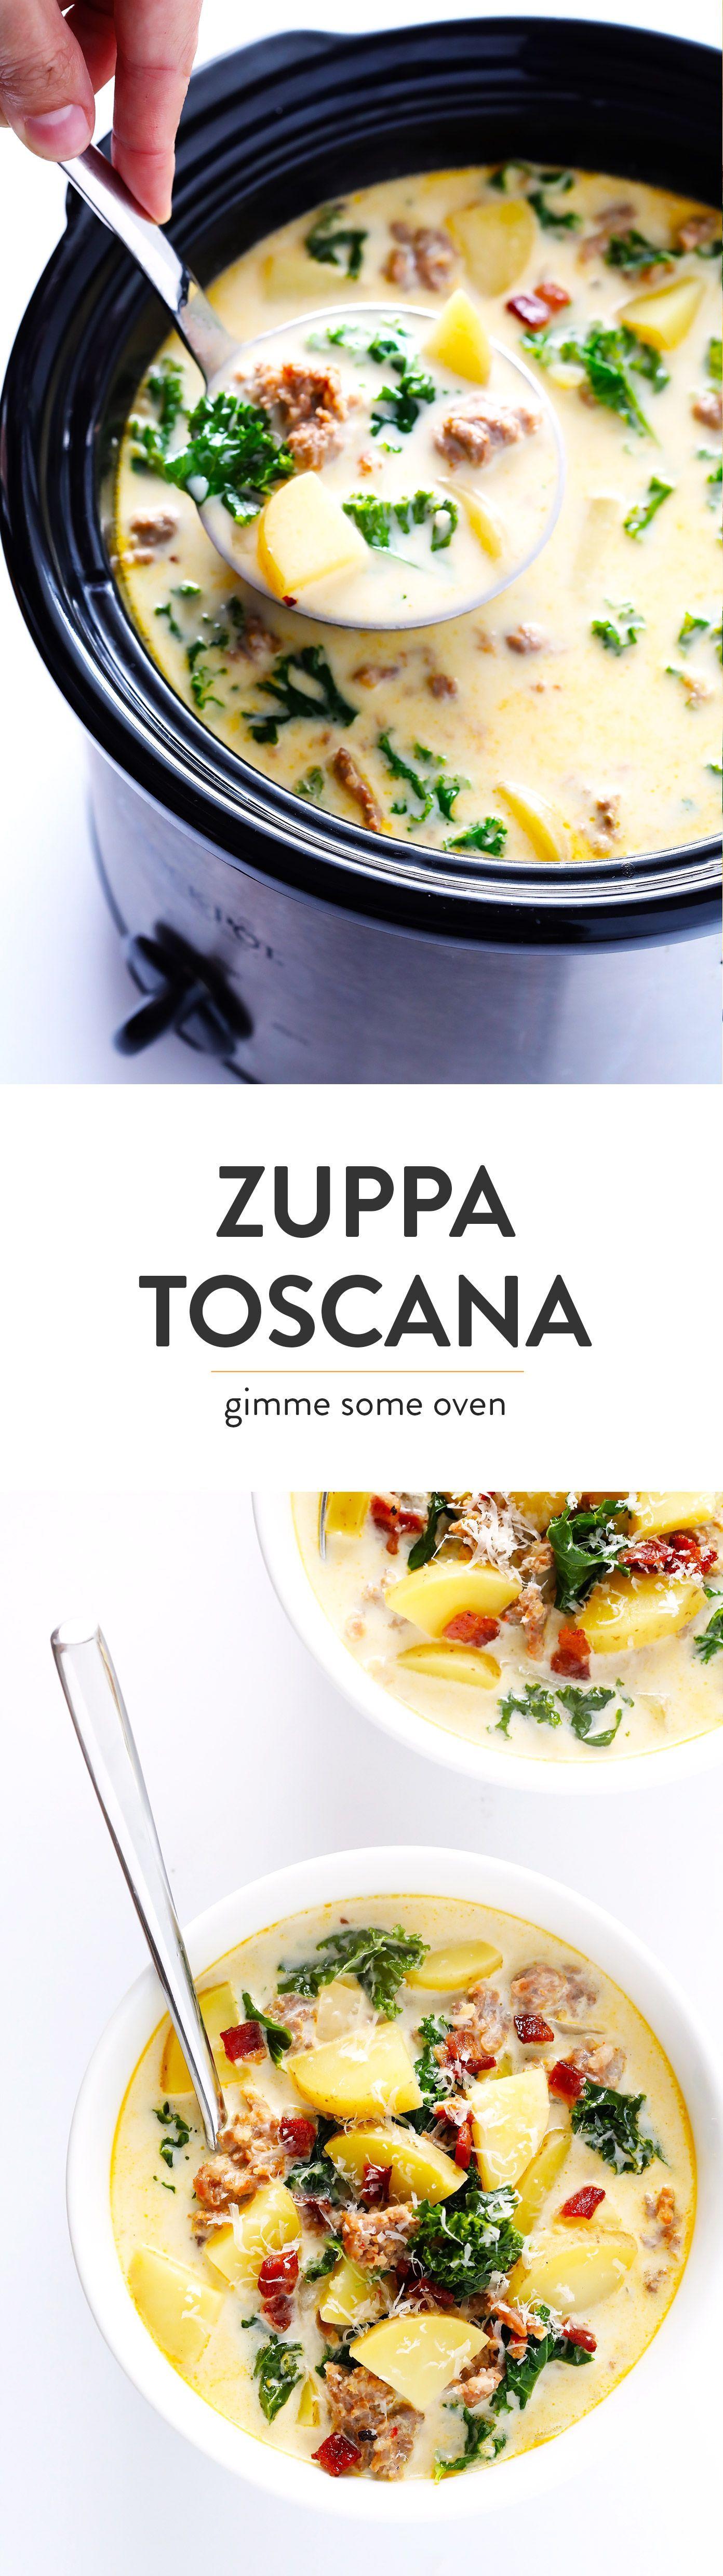 Zuppa Toscana (Olive Garden Copycat) Recipe Gluten